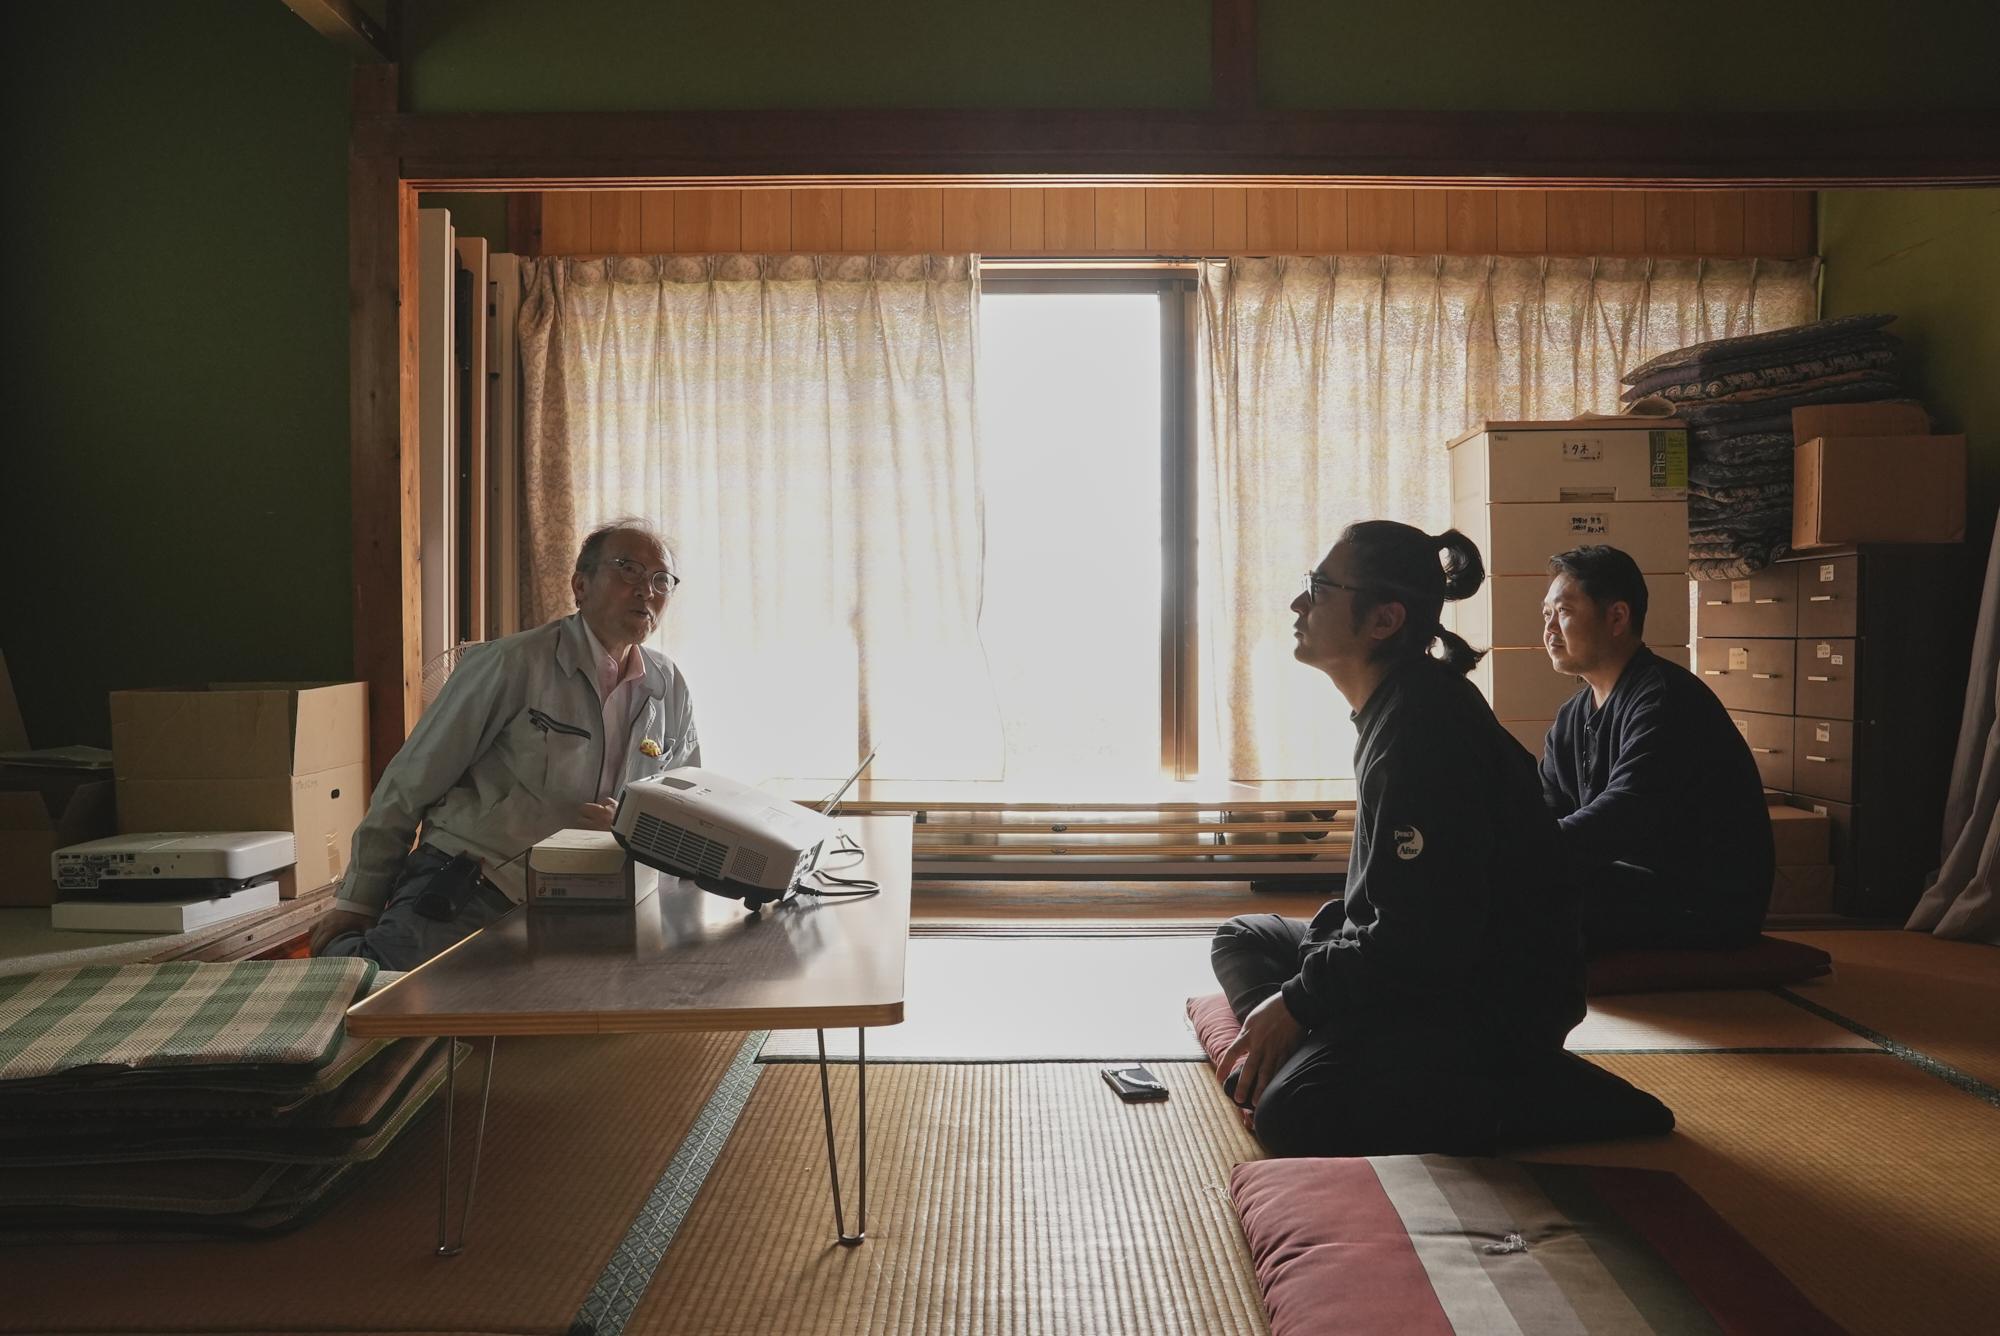 長崎県佐世保市にある「菌ちゃんふぁーむ」にて。吉田俊道先生から農業に関わる菌の働きなどを学ぶ